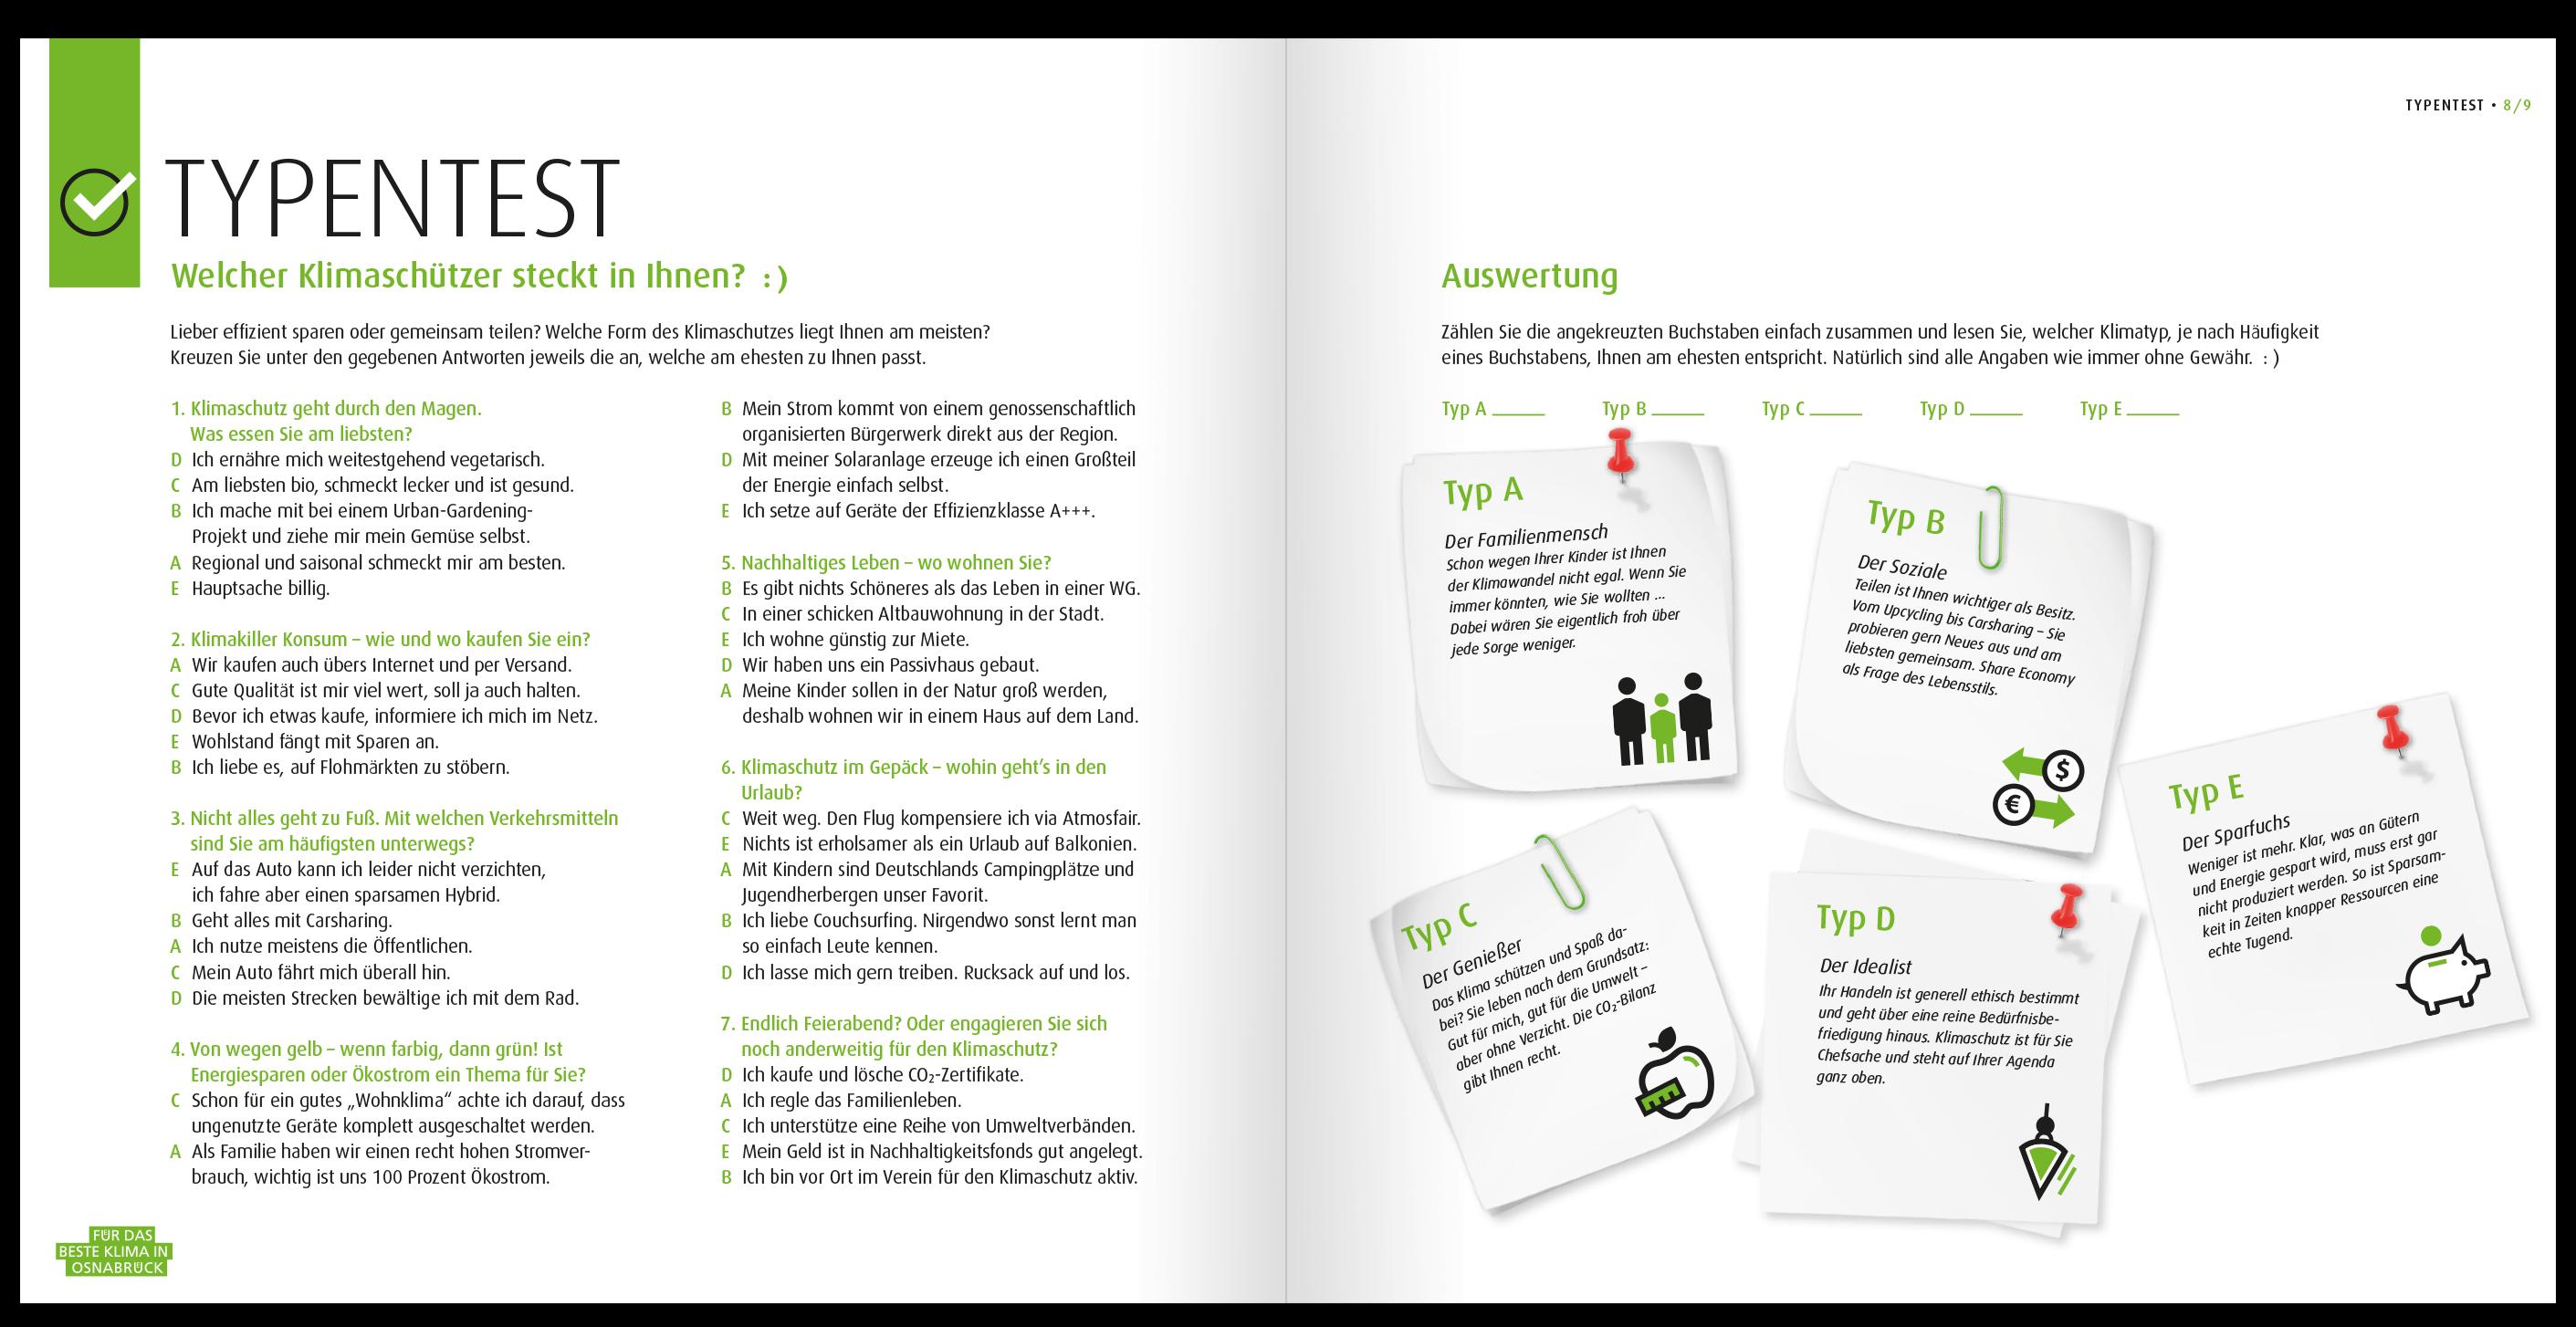 Teste dich in der Broschüre und erfahre welcher Klimatyp du bist